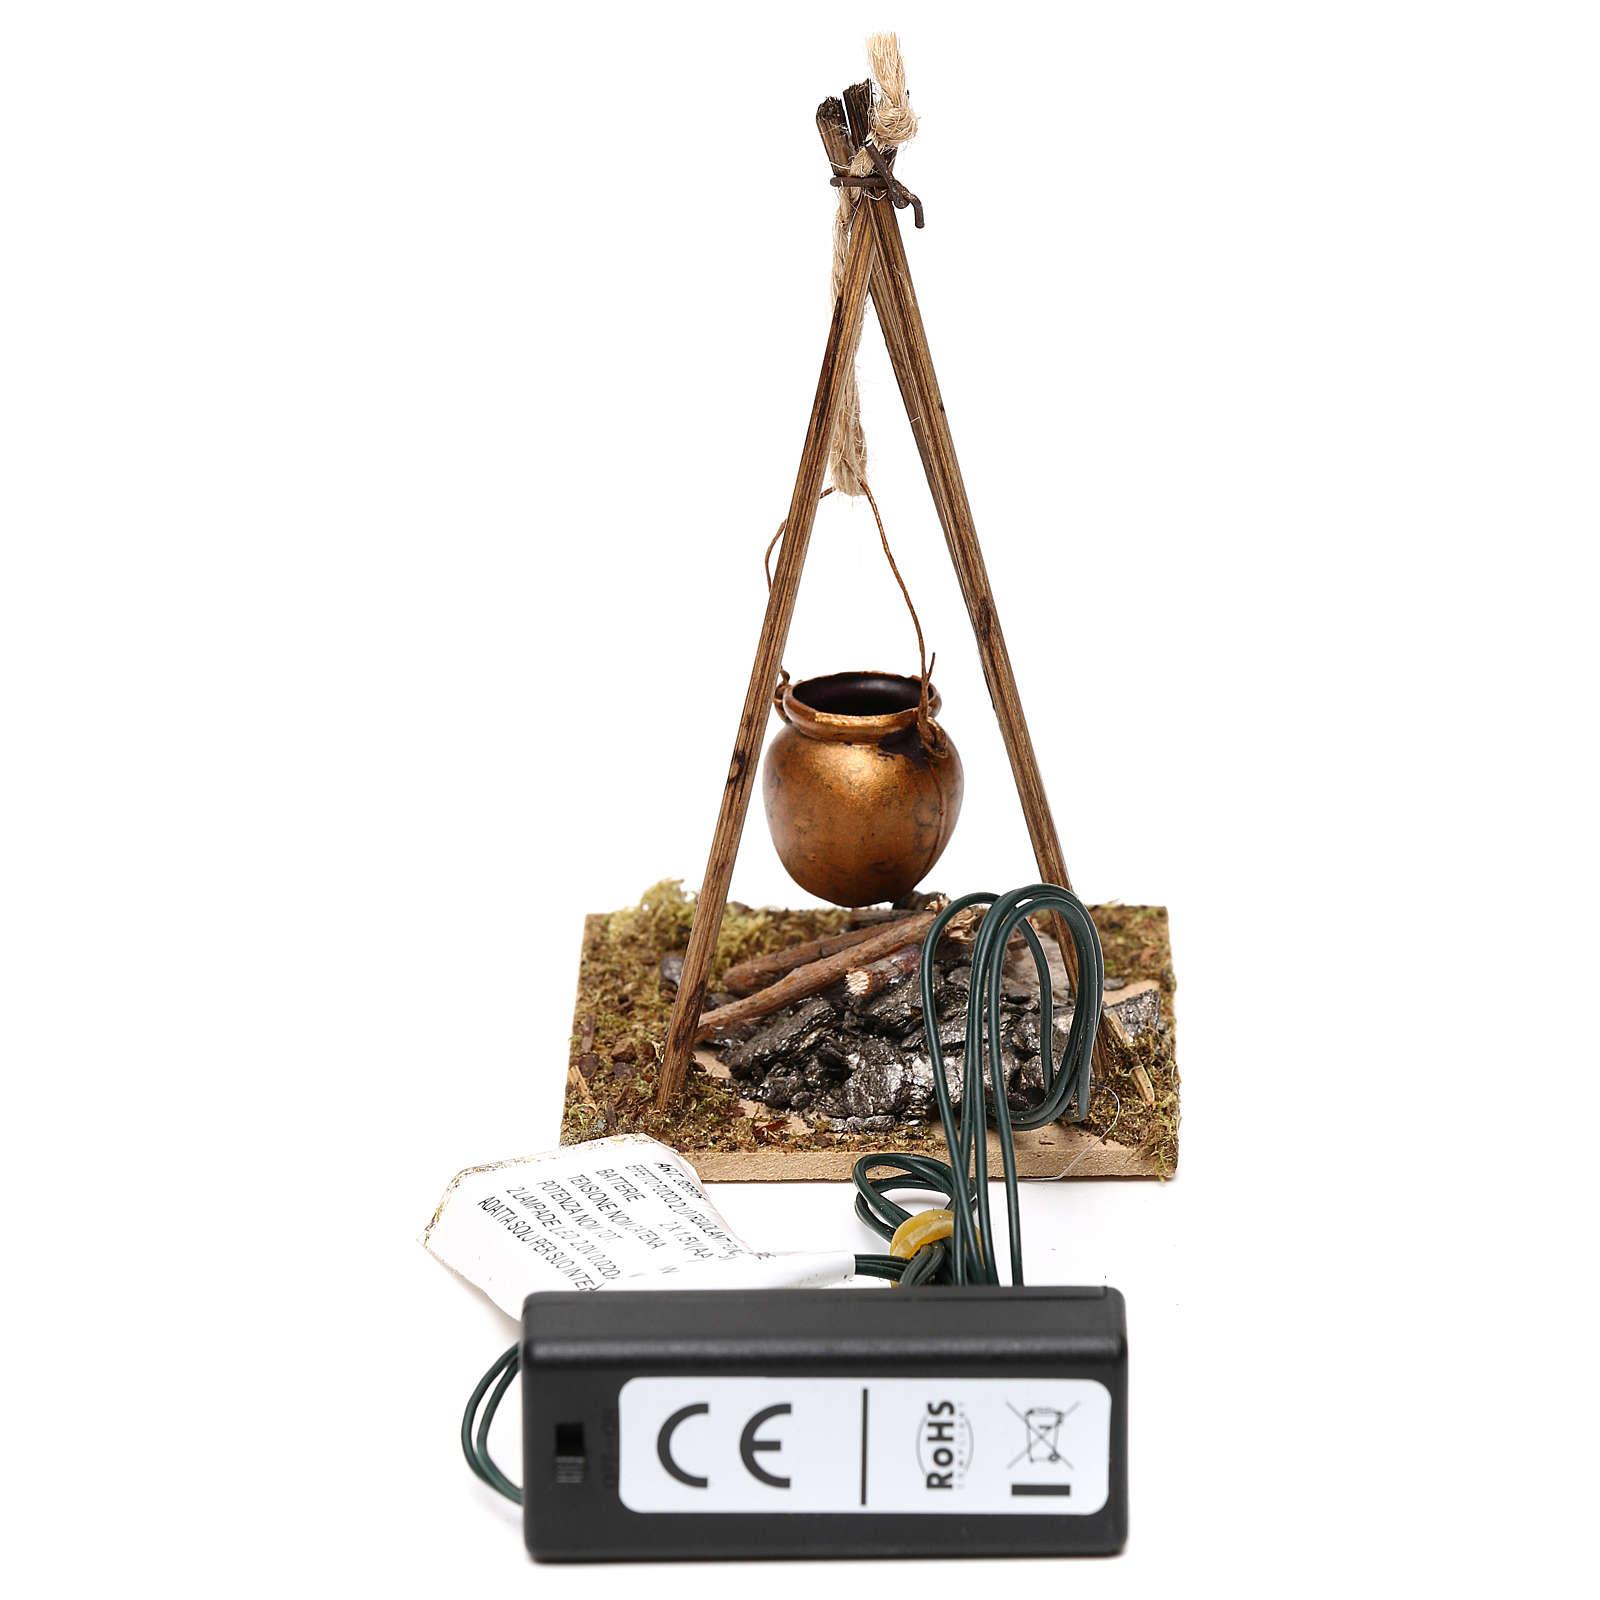 Feu de bois en miniature 2 leds tremblants 10x6.5x7 cm 4